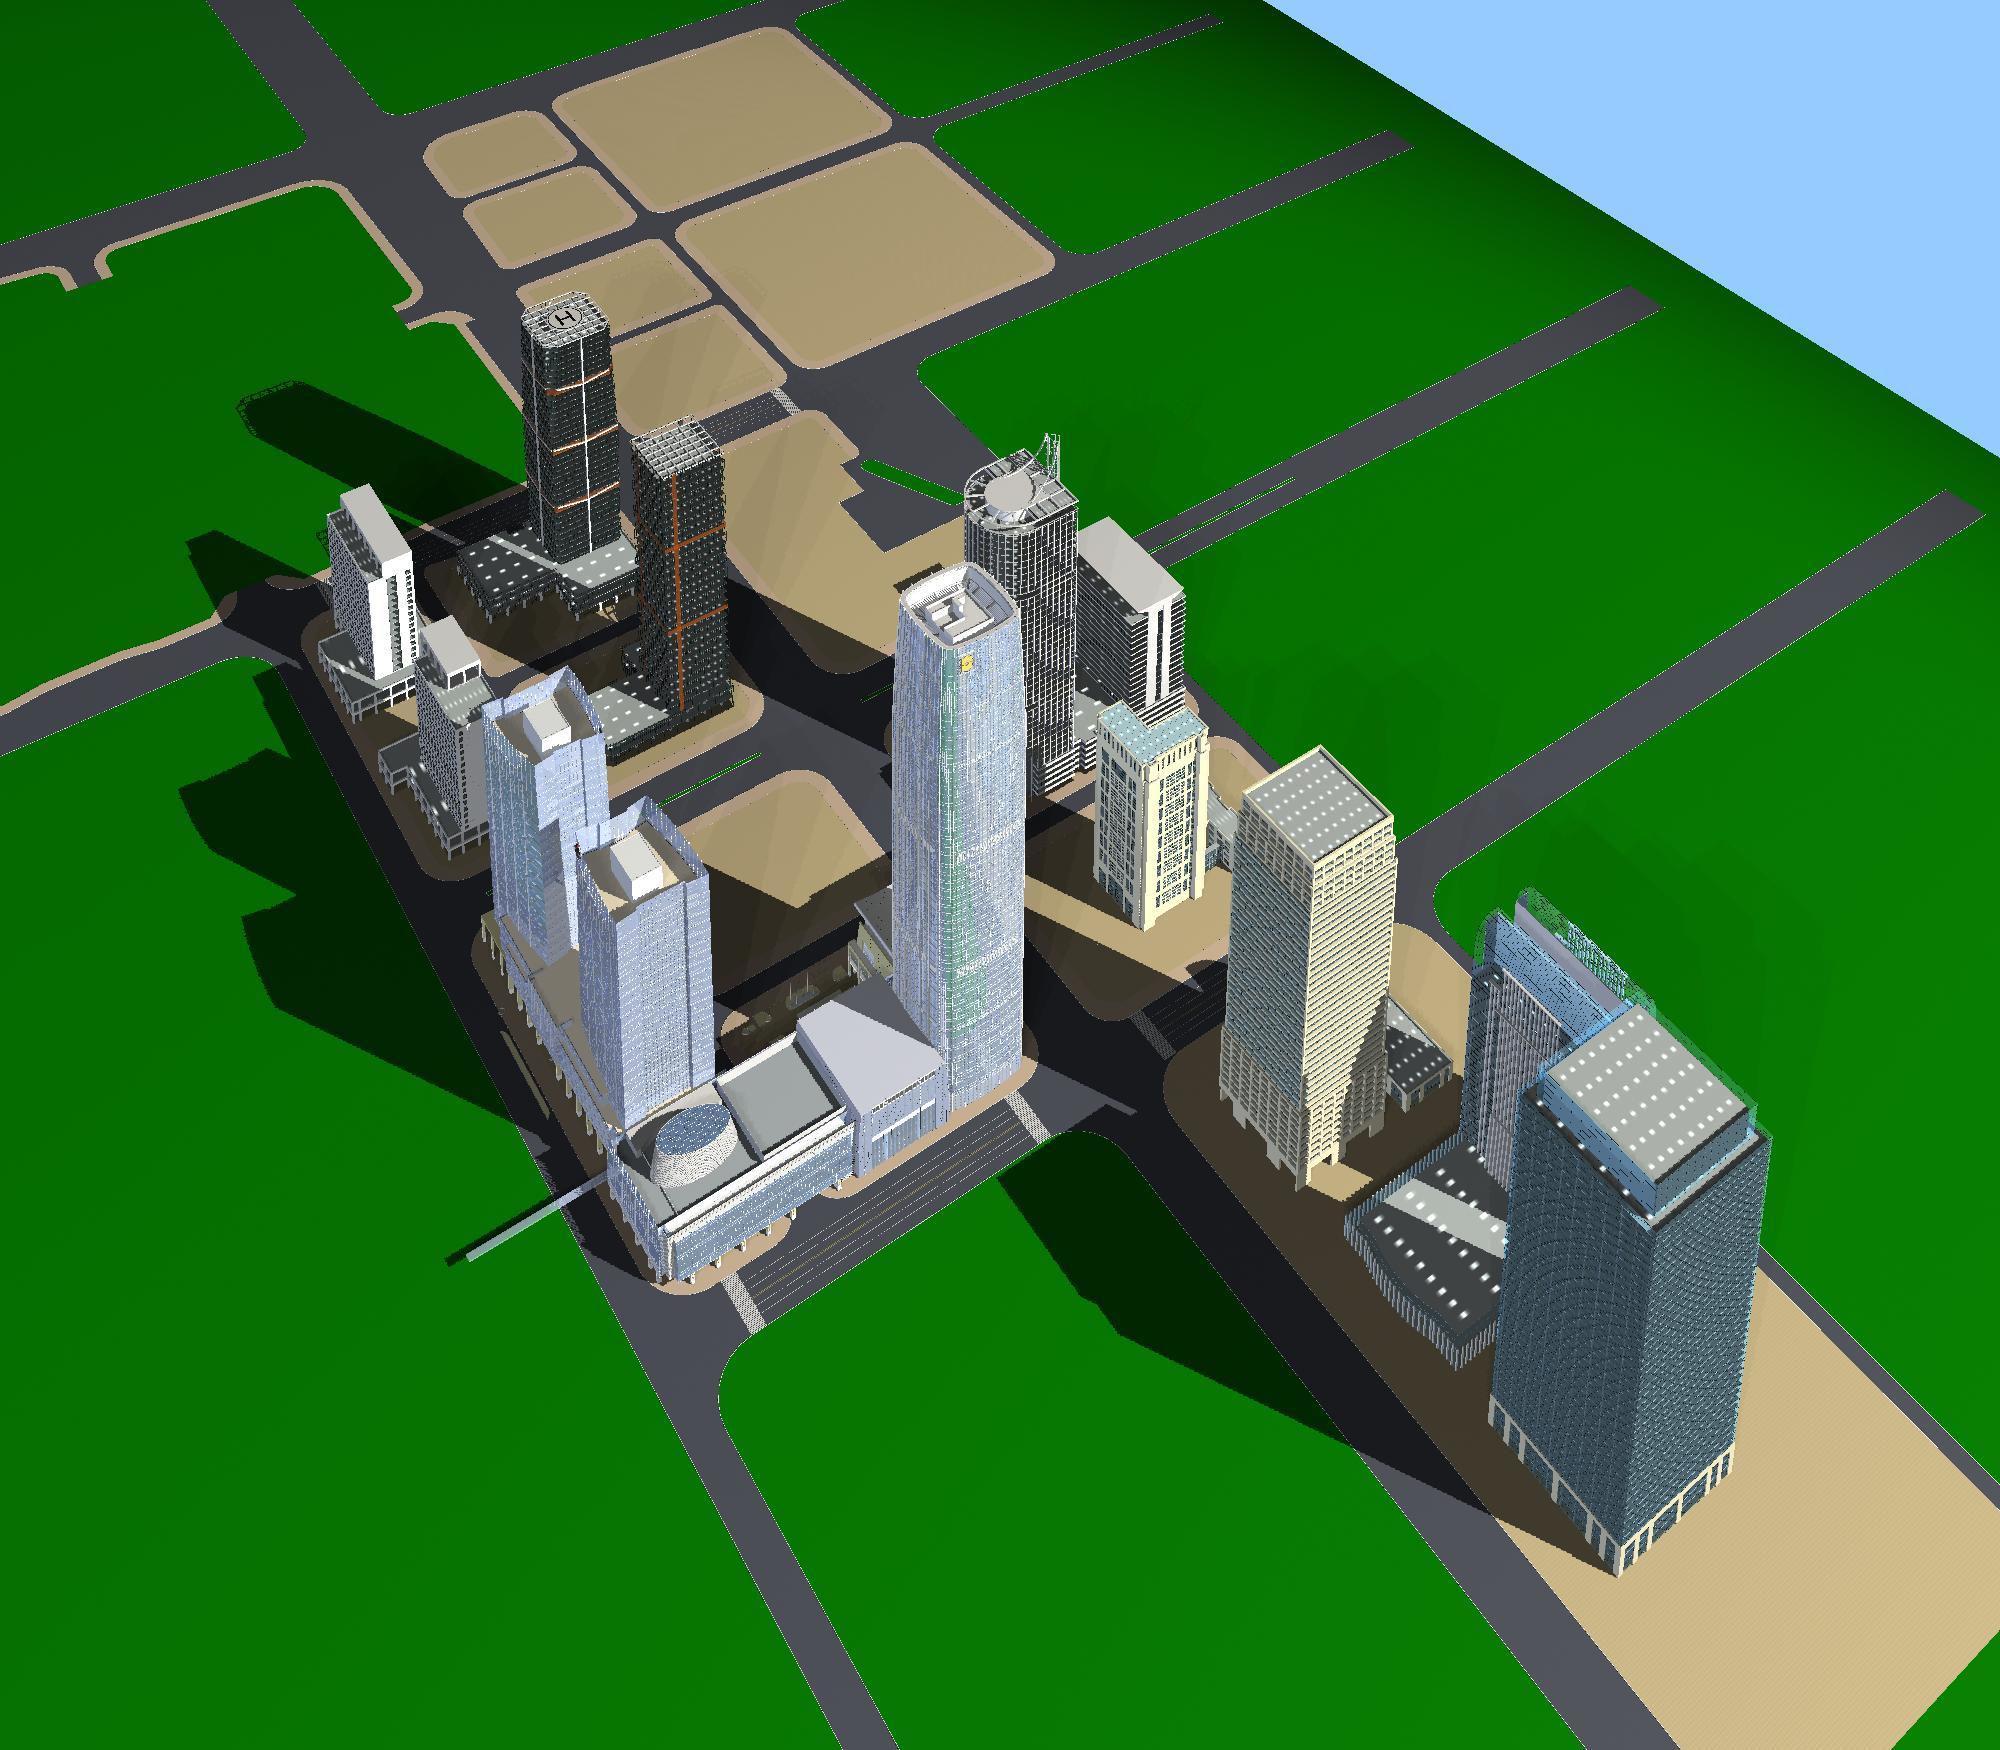 хот суурин газрын дизайн 099 3d загвар max psd 121487